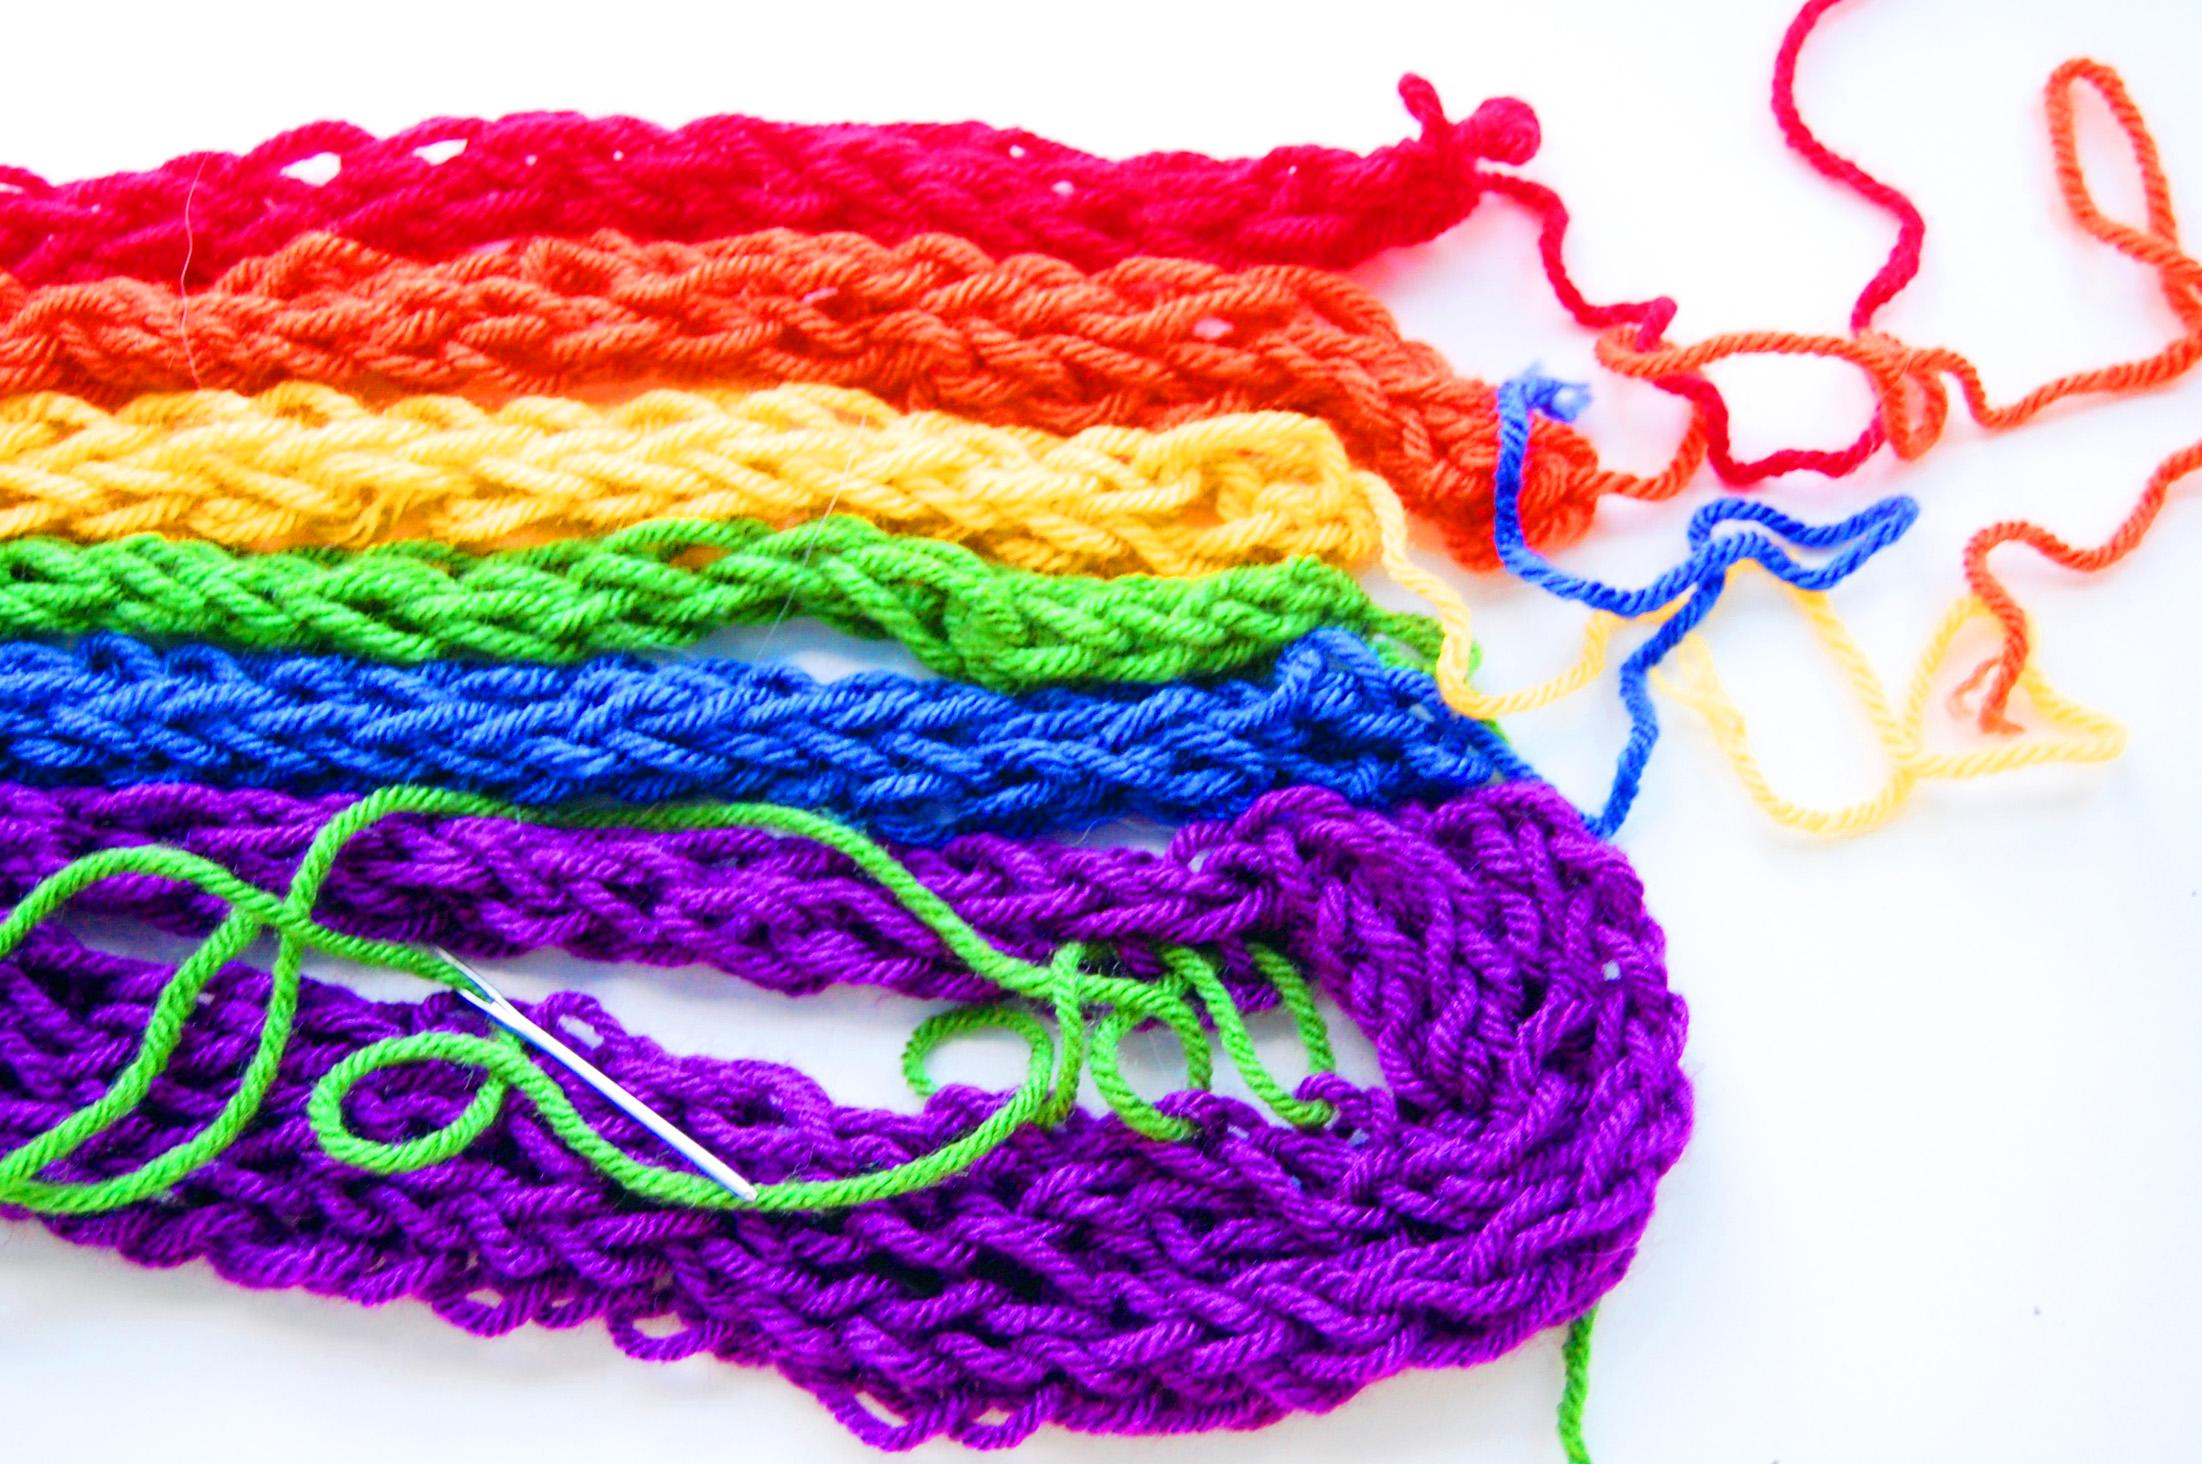 Finger Knitting Blanket : How to finger knit a hat for beginner ehow